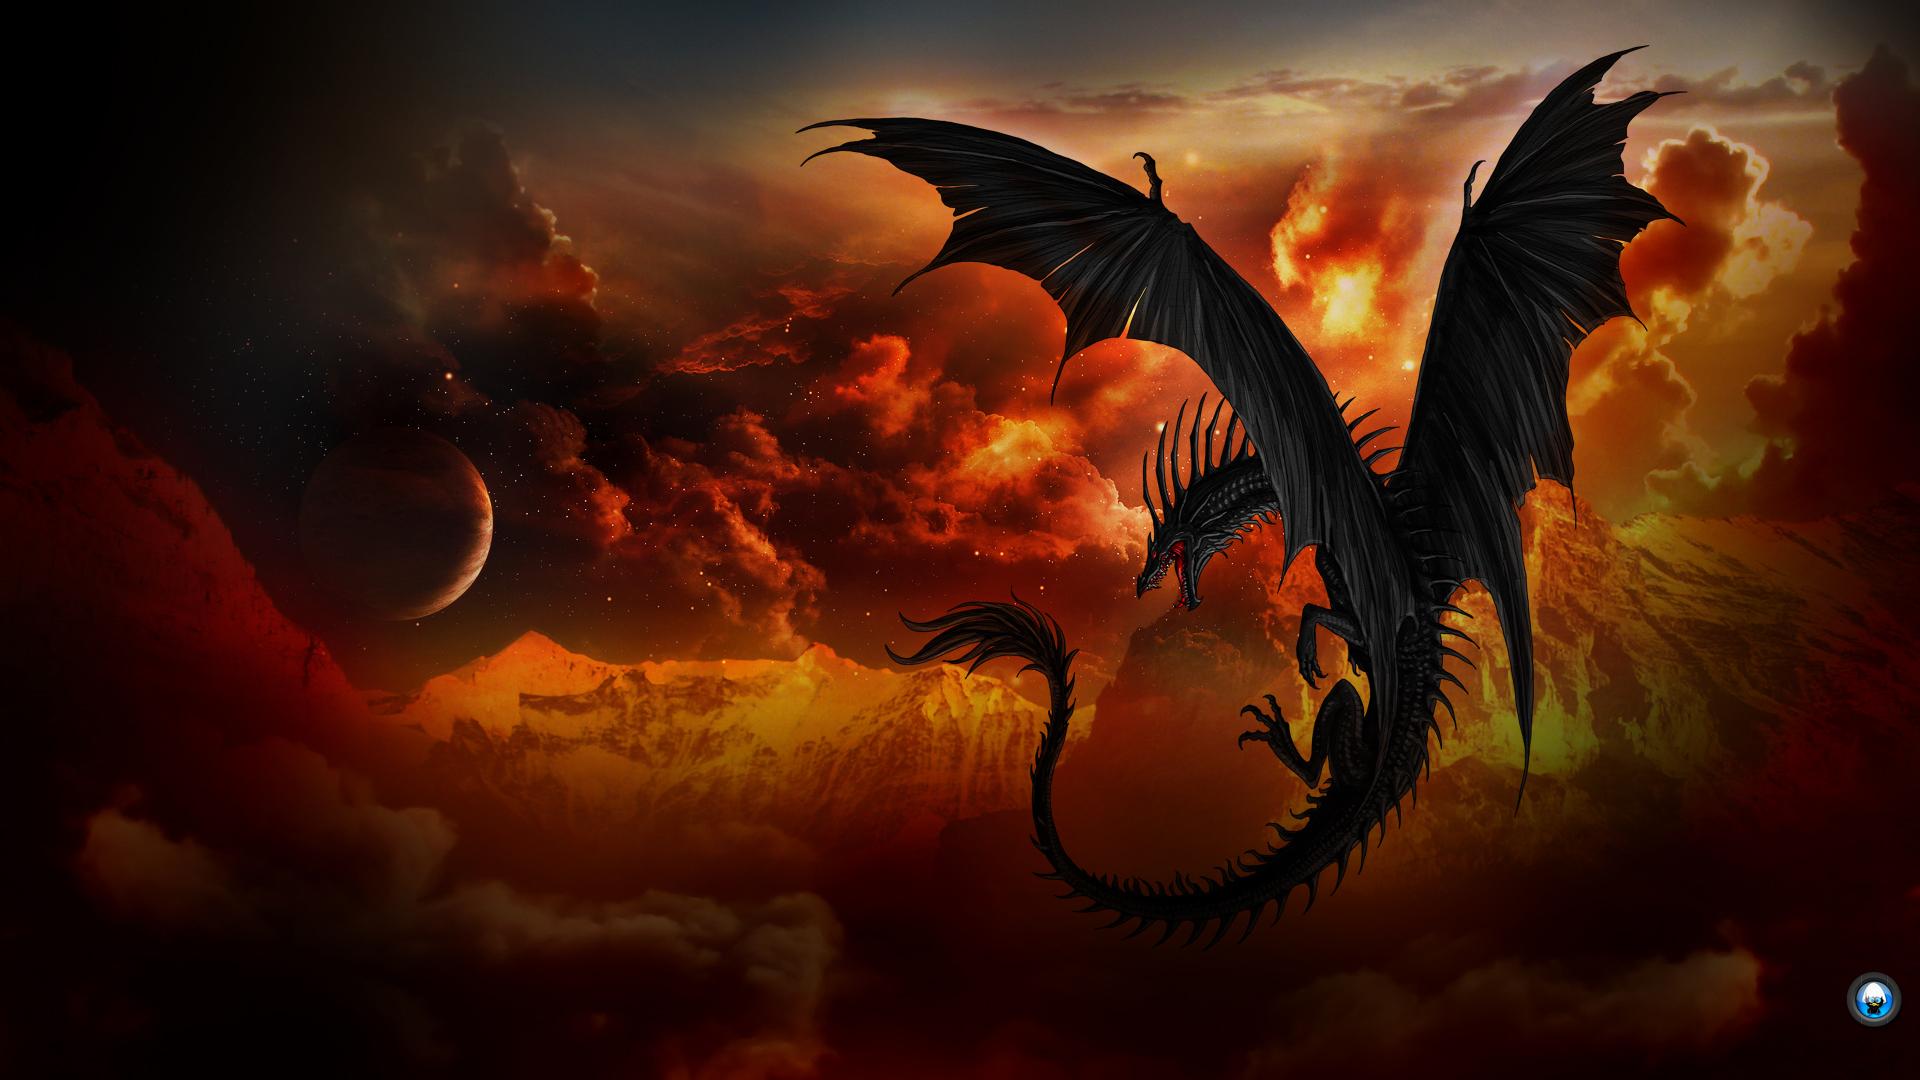 wallpaper dragon fantasy 1920x1080 1920x1080